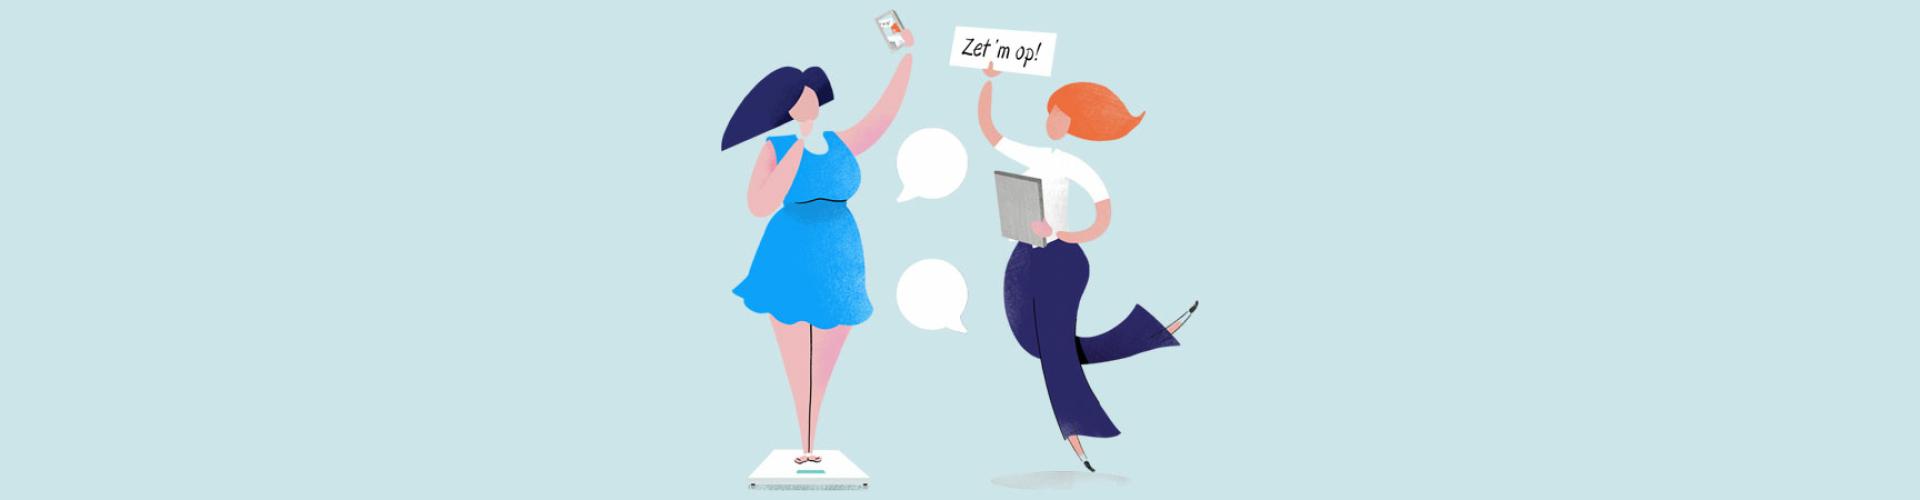 Afvallen met het 1 op 1 Dieet online of in de praktijk